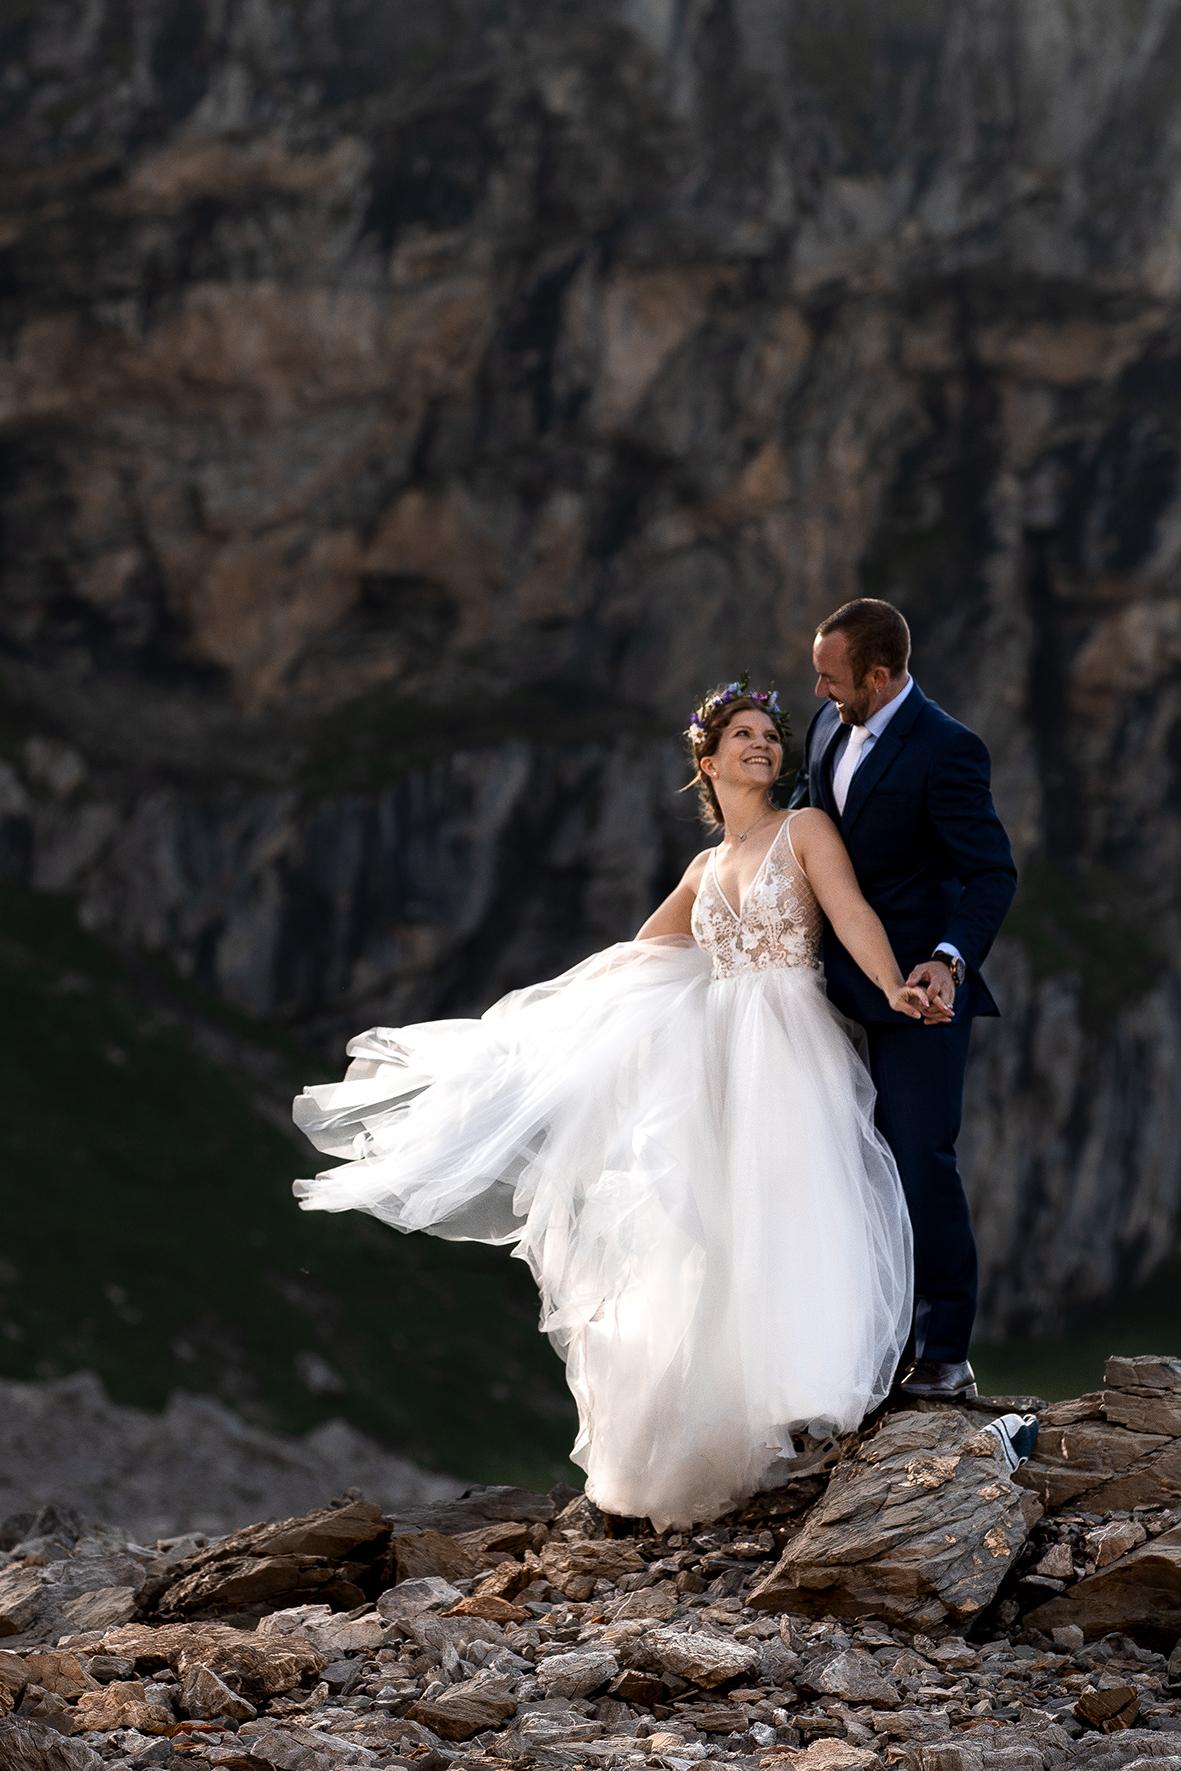 After_Wedding_Shooting_Schweiz_Alpen_11